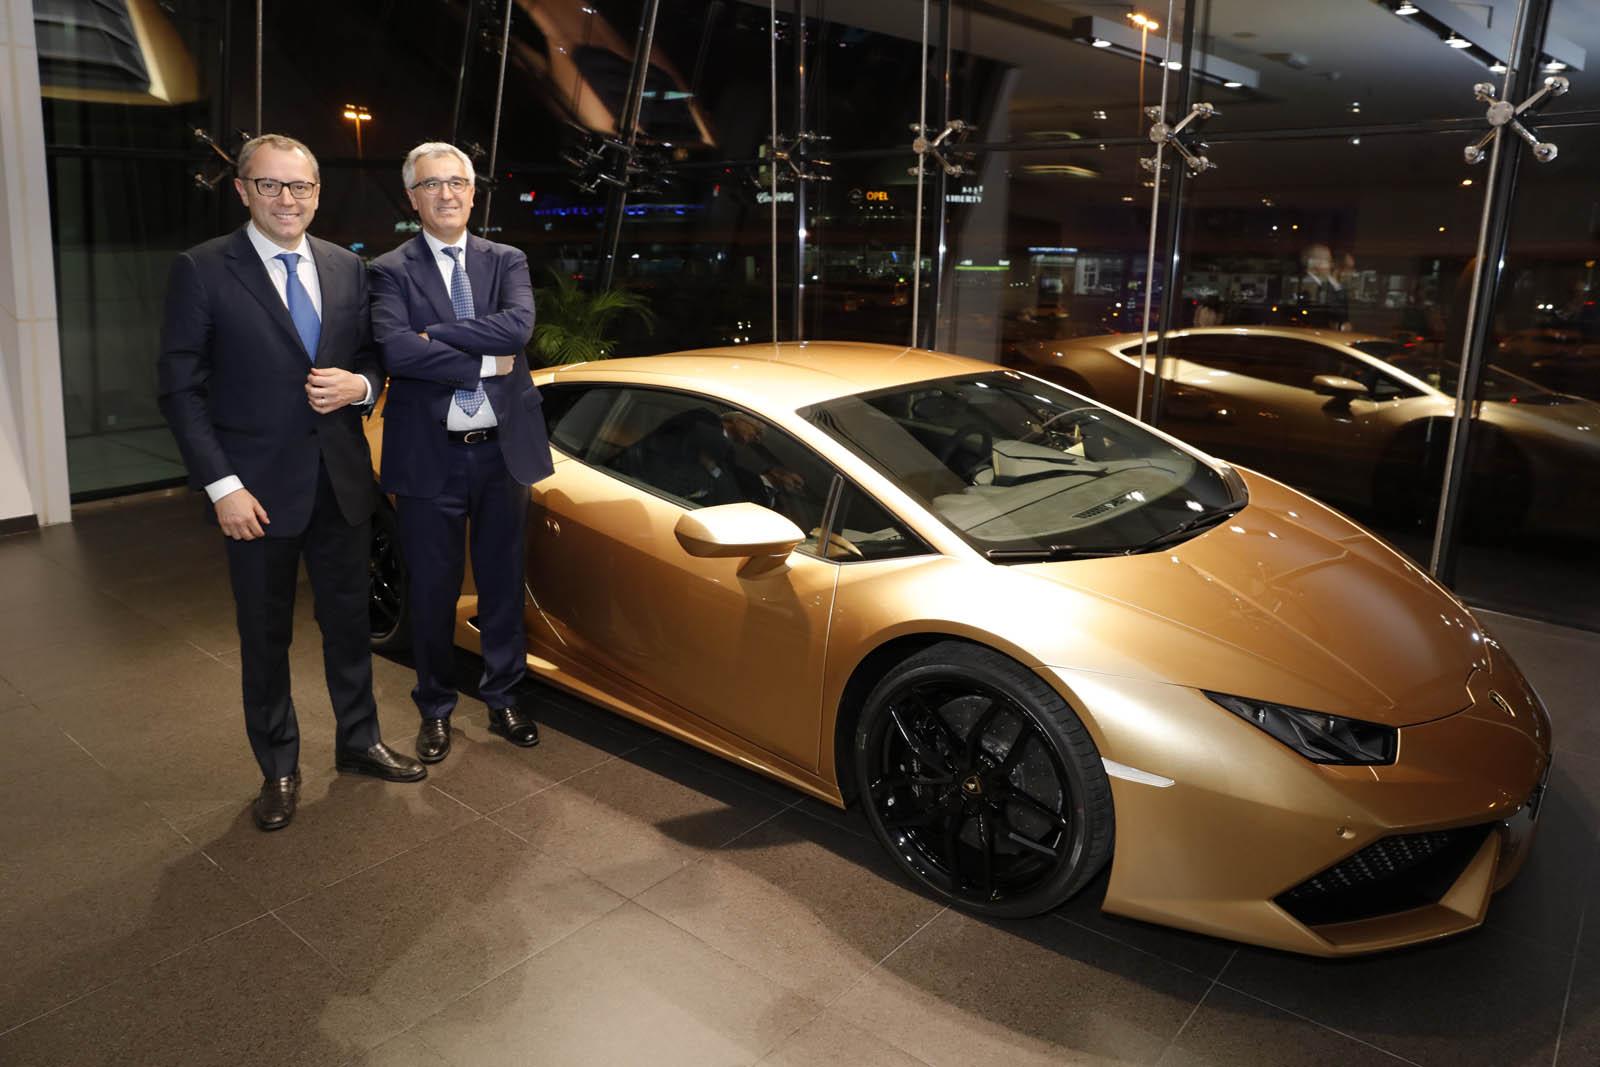 Lamborghini-Dubai-22.jpg